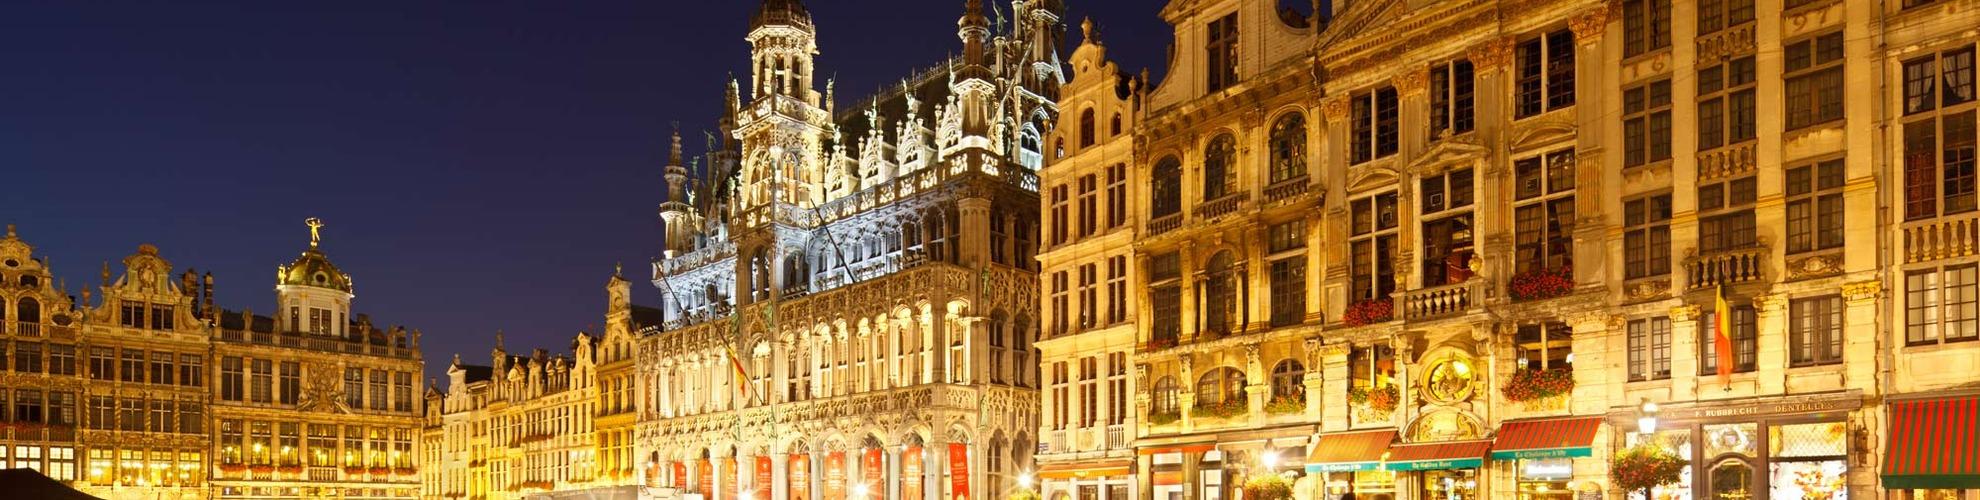 Bruxelles Centrum Pa Kort Pdf Turist Kort Over Centrum Af